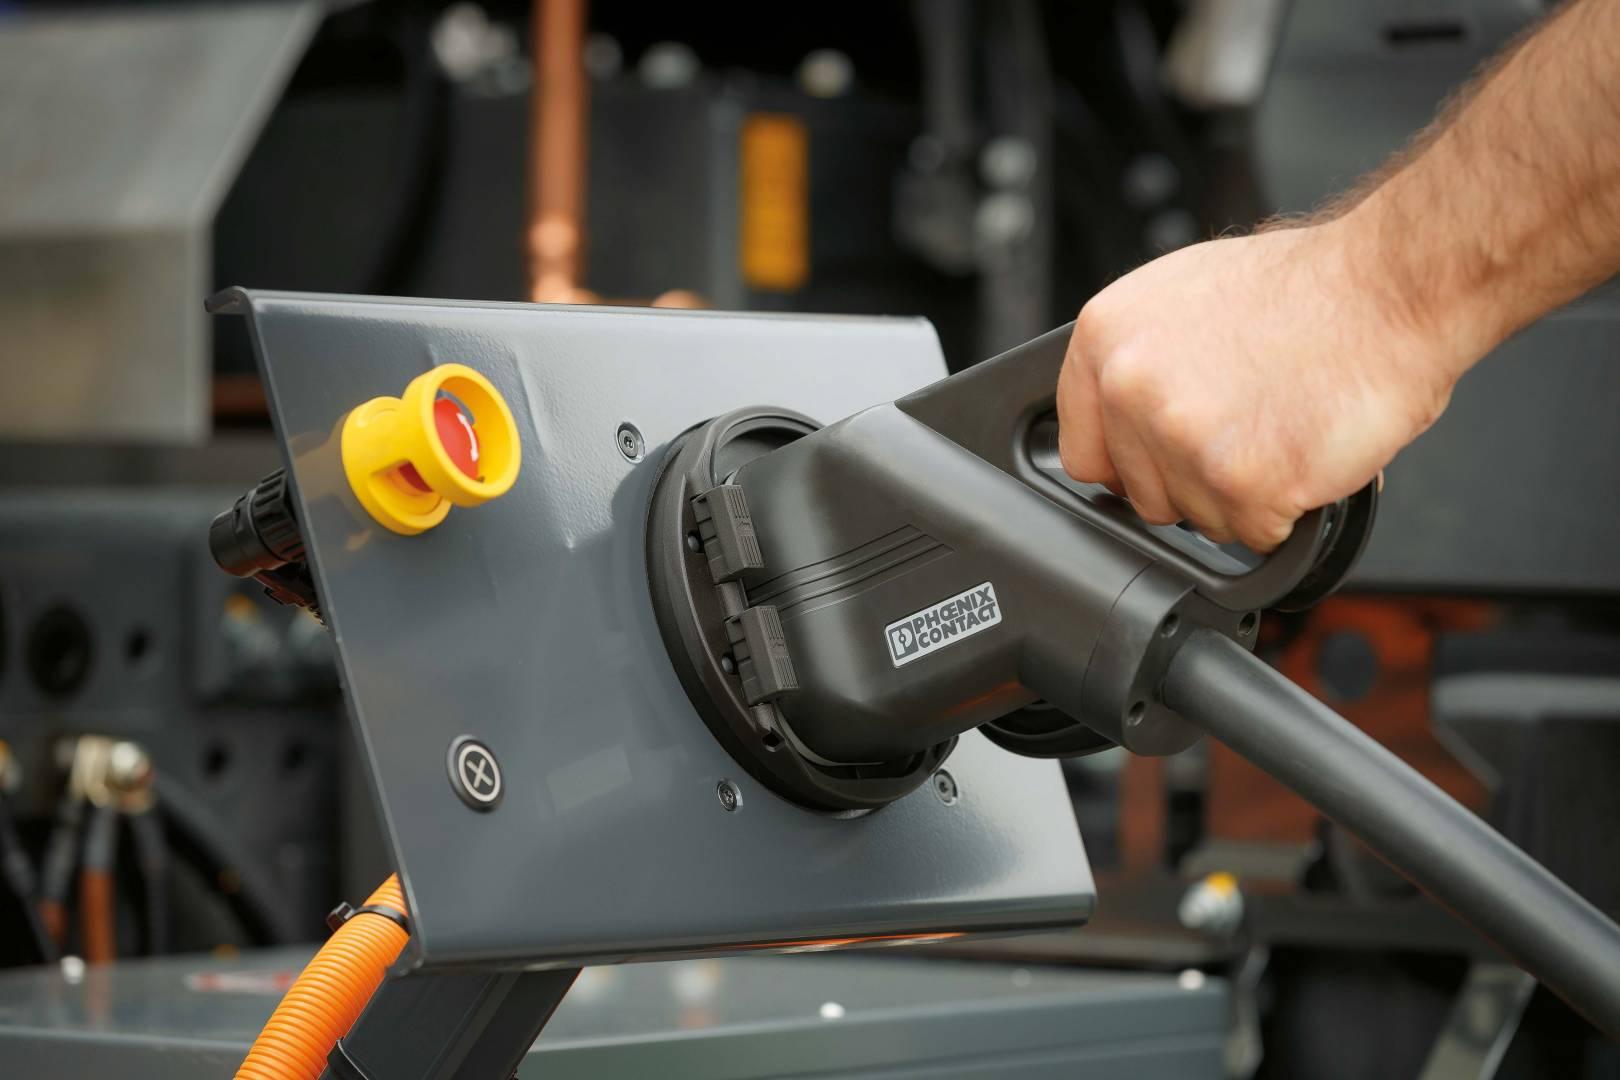 Statt des emissionsbelasteten Diesels tankt der Urban eTruck Strom.